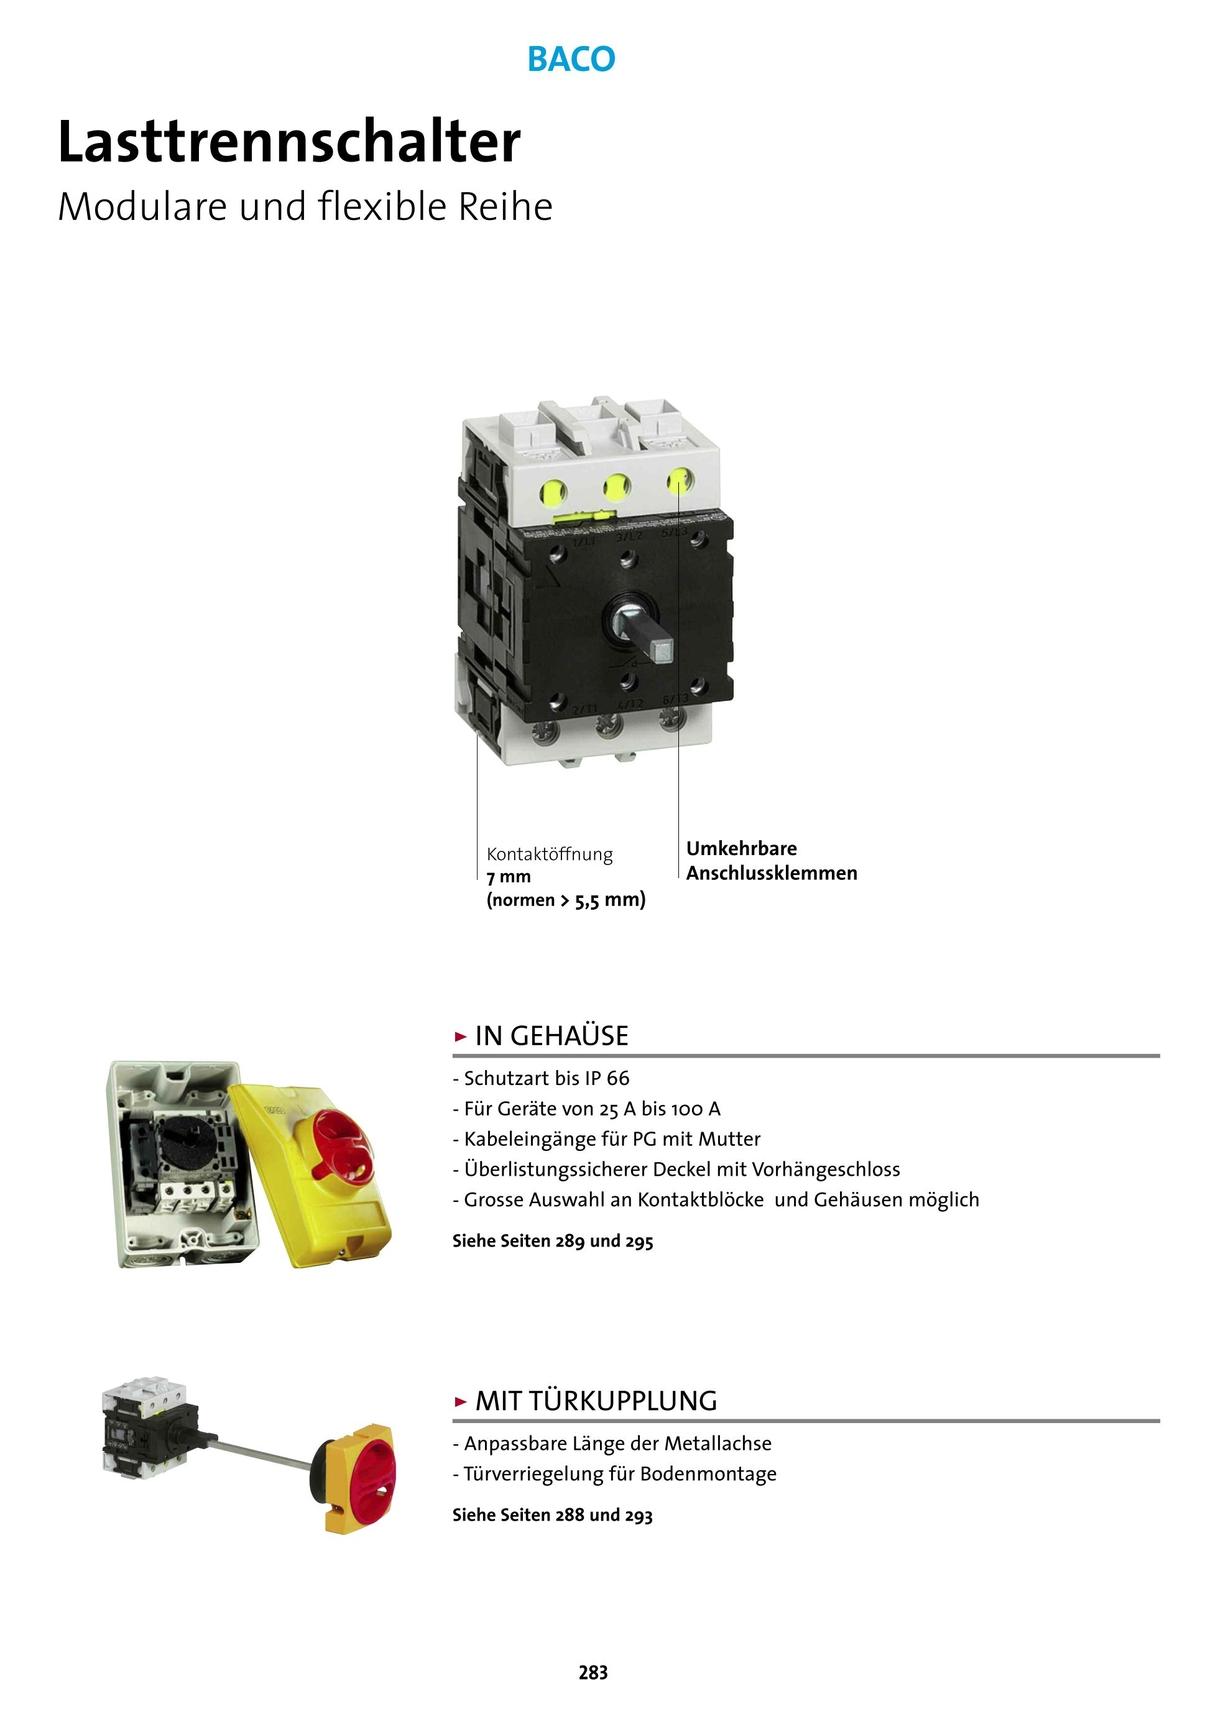 BACO - Katalog 2013-2015 [282 - 283]